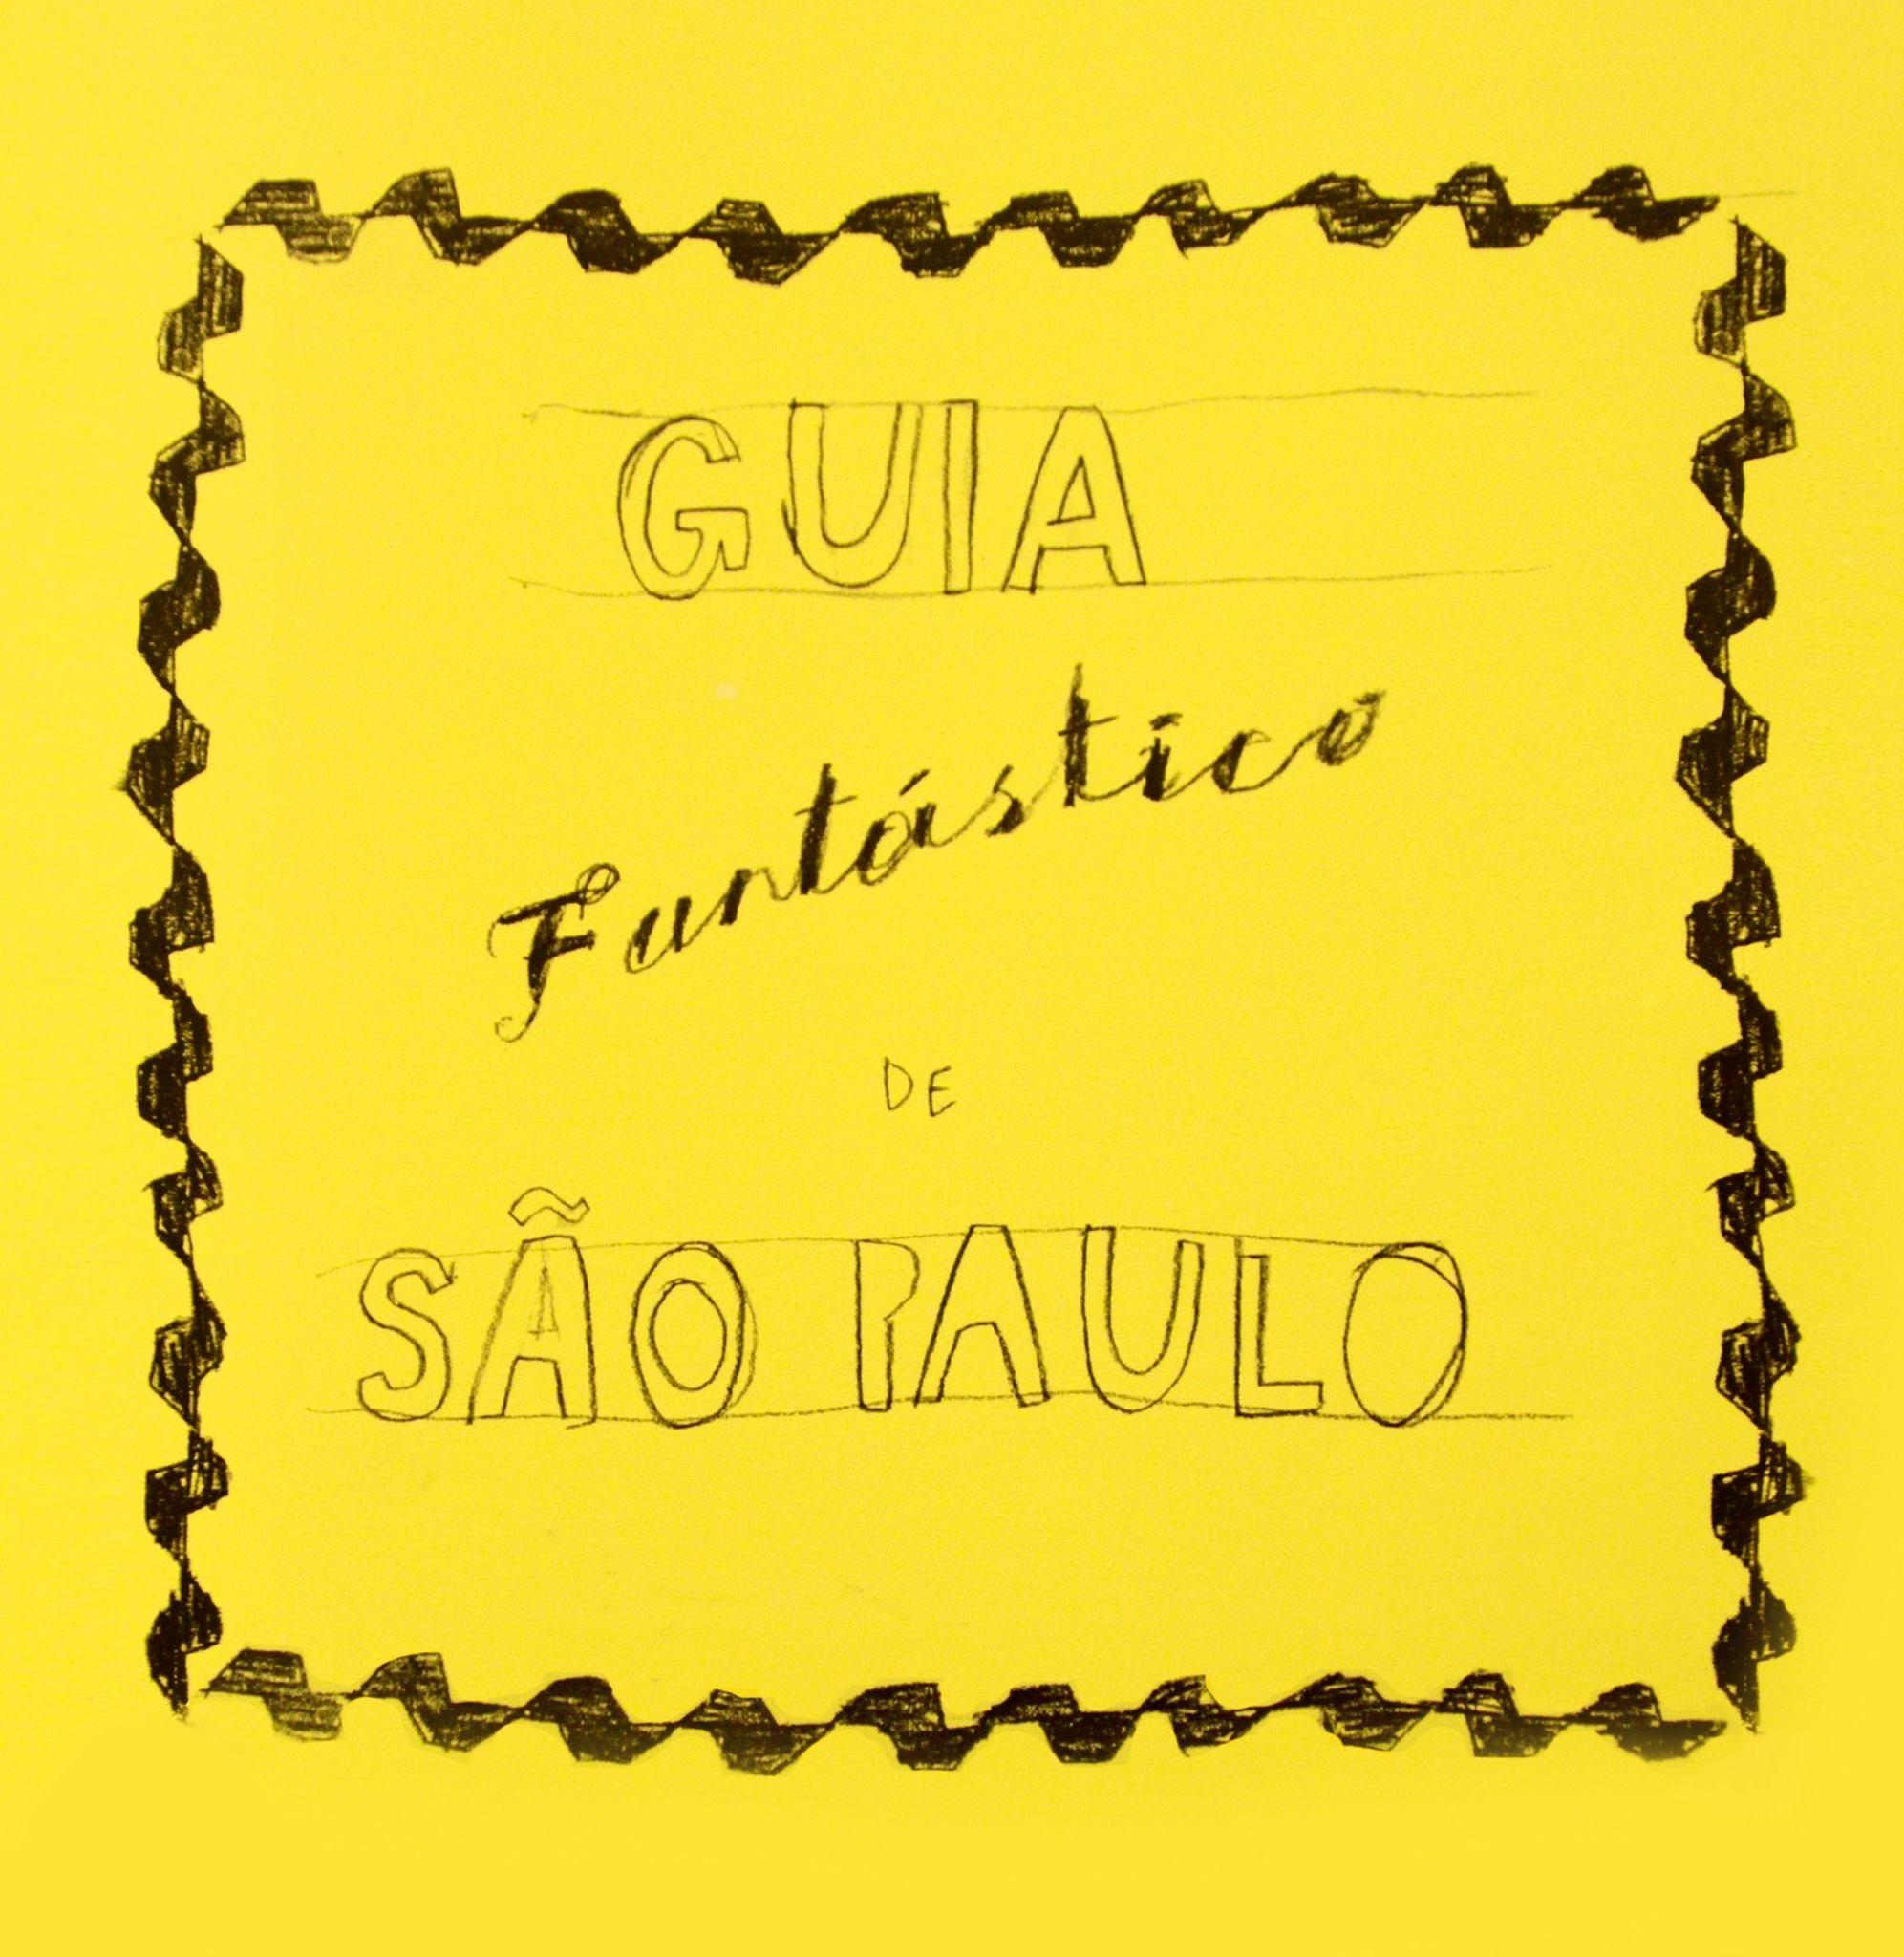 """O """"Guia Fantástico de São Paulo"""", © Guia Fantástico de São Paulo"""